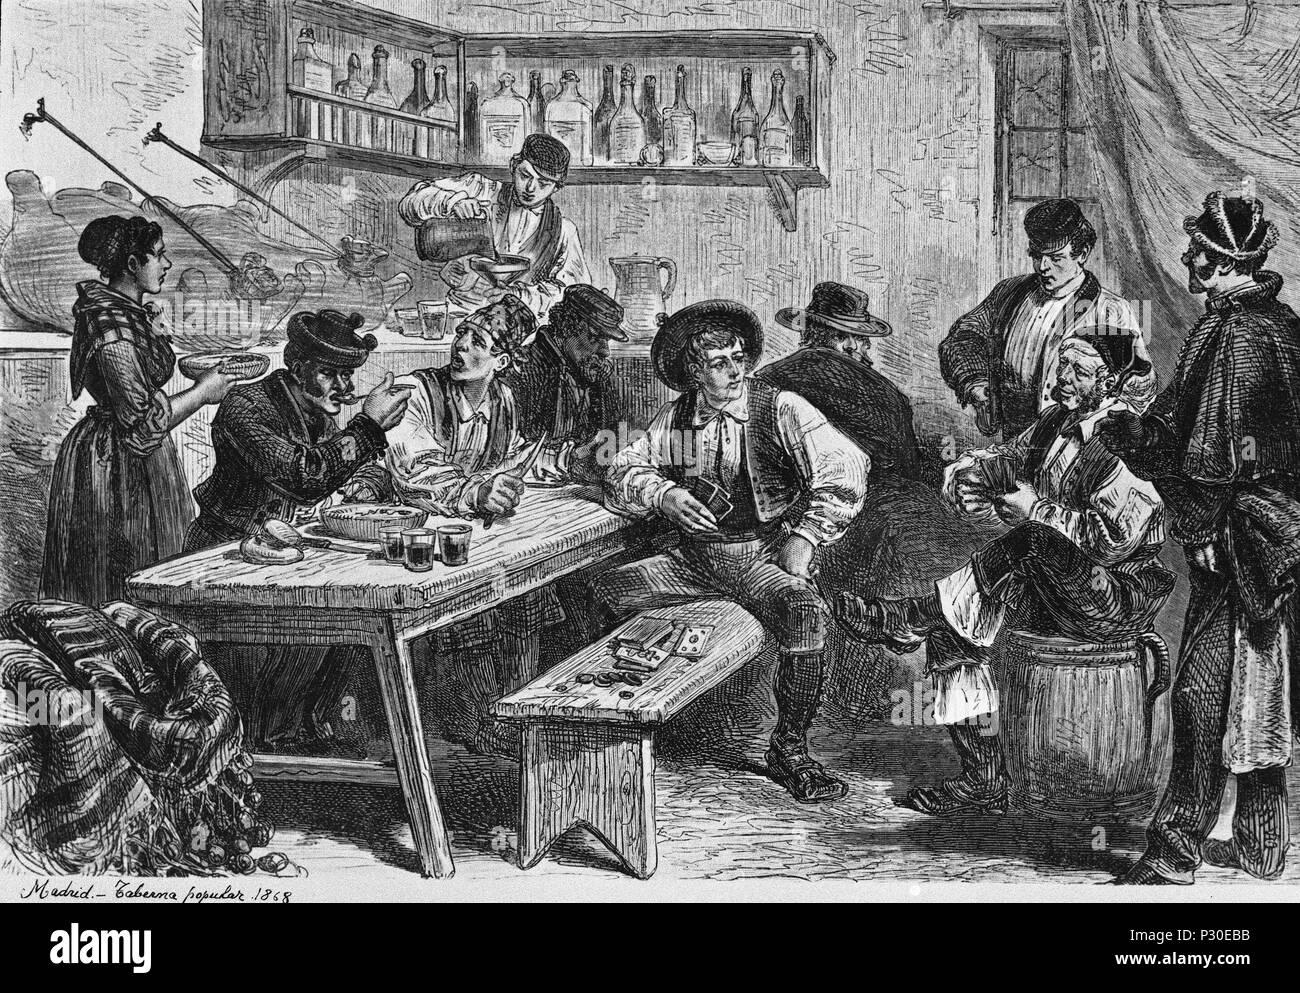 TABERNA POPULAR - 1868. Ubicación: MUSEO DE HISTORIA-GRABADOS BLANCO Y NEGRO, Madrid, España. Foto de stock